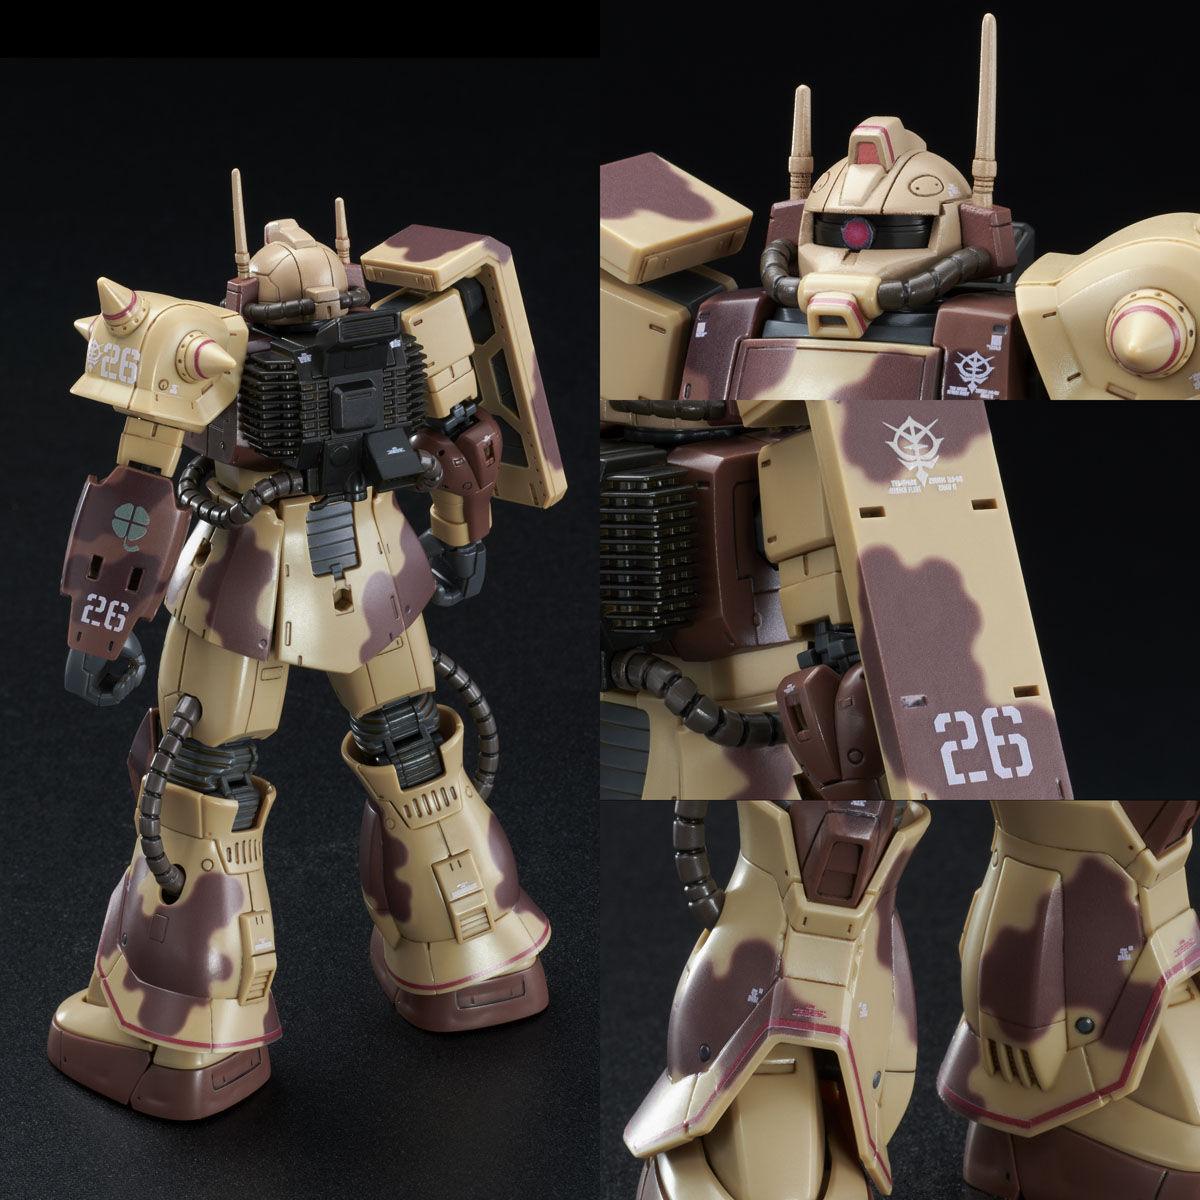 【限定販売】HG 1/144『ザク・デザートタイプ(ダブルアンテナ仕様)』プラモデル-008